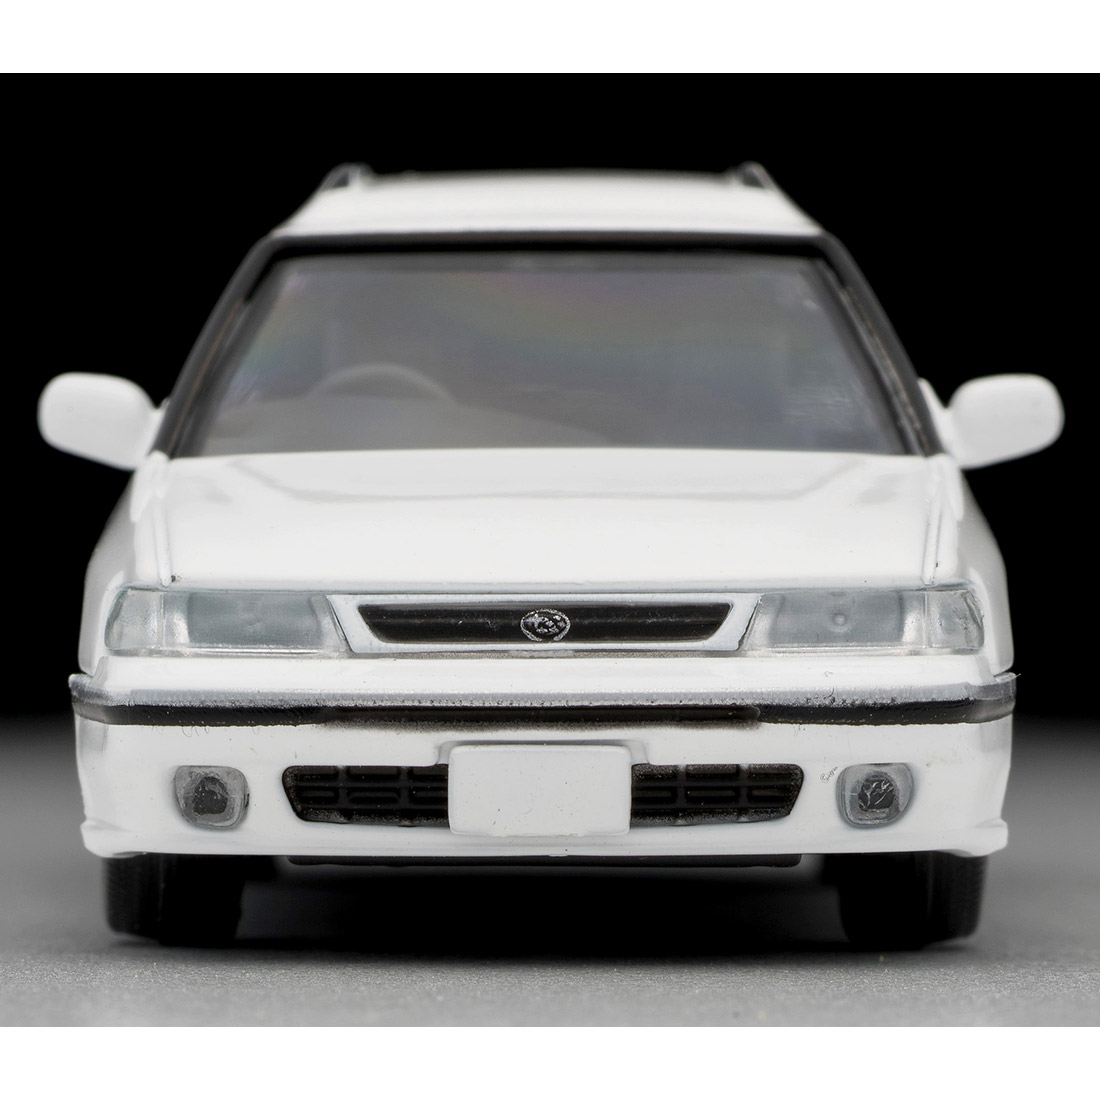 トミカリミテッド ヴィンテージ ネオ TLV-NEO『LV-N220a スバル レガシィ ツーリングワゴン Ti type S(白)』1/64 ミニカー-003